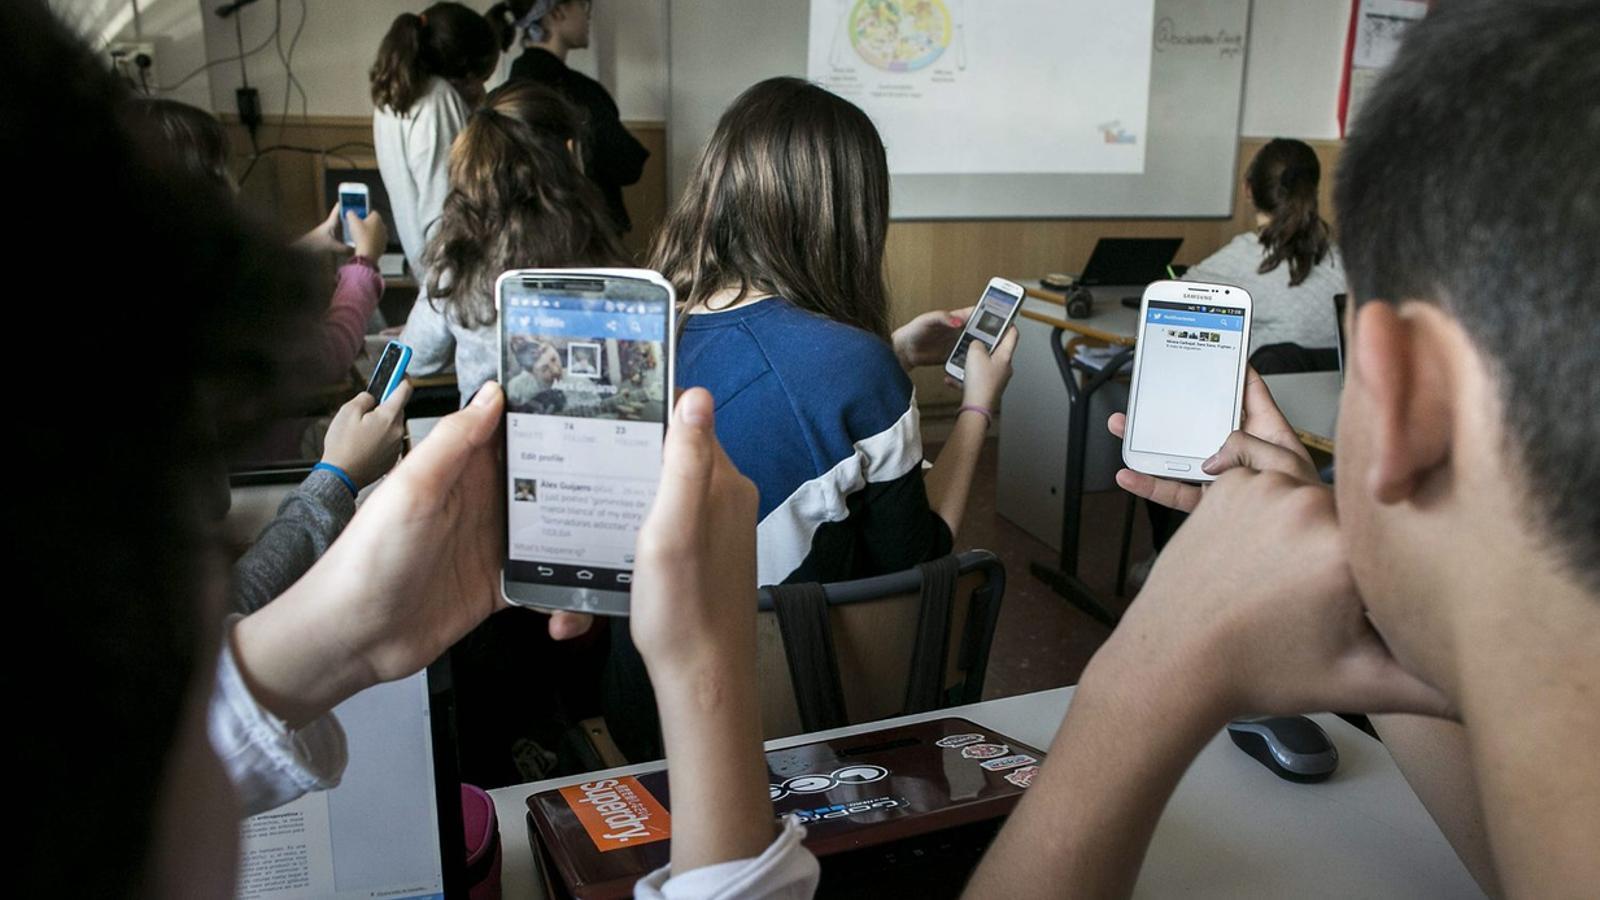 Alumnes utilitzant el Twitter durant una classe de robòtica. A partir del curs vinent tots els centres educatius hauran de regular l'ús dels smartphones.